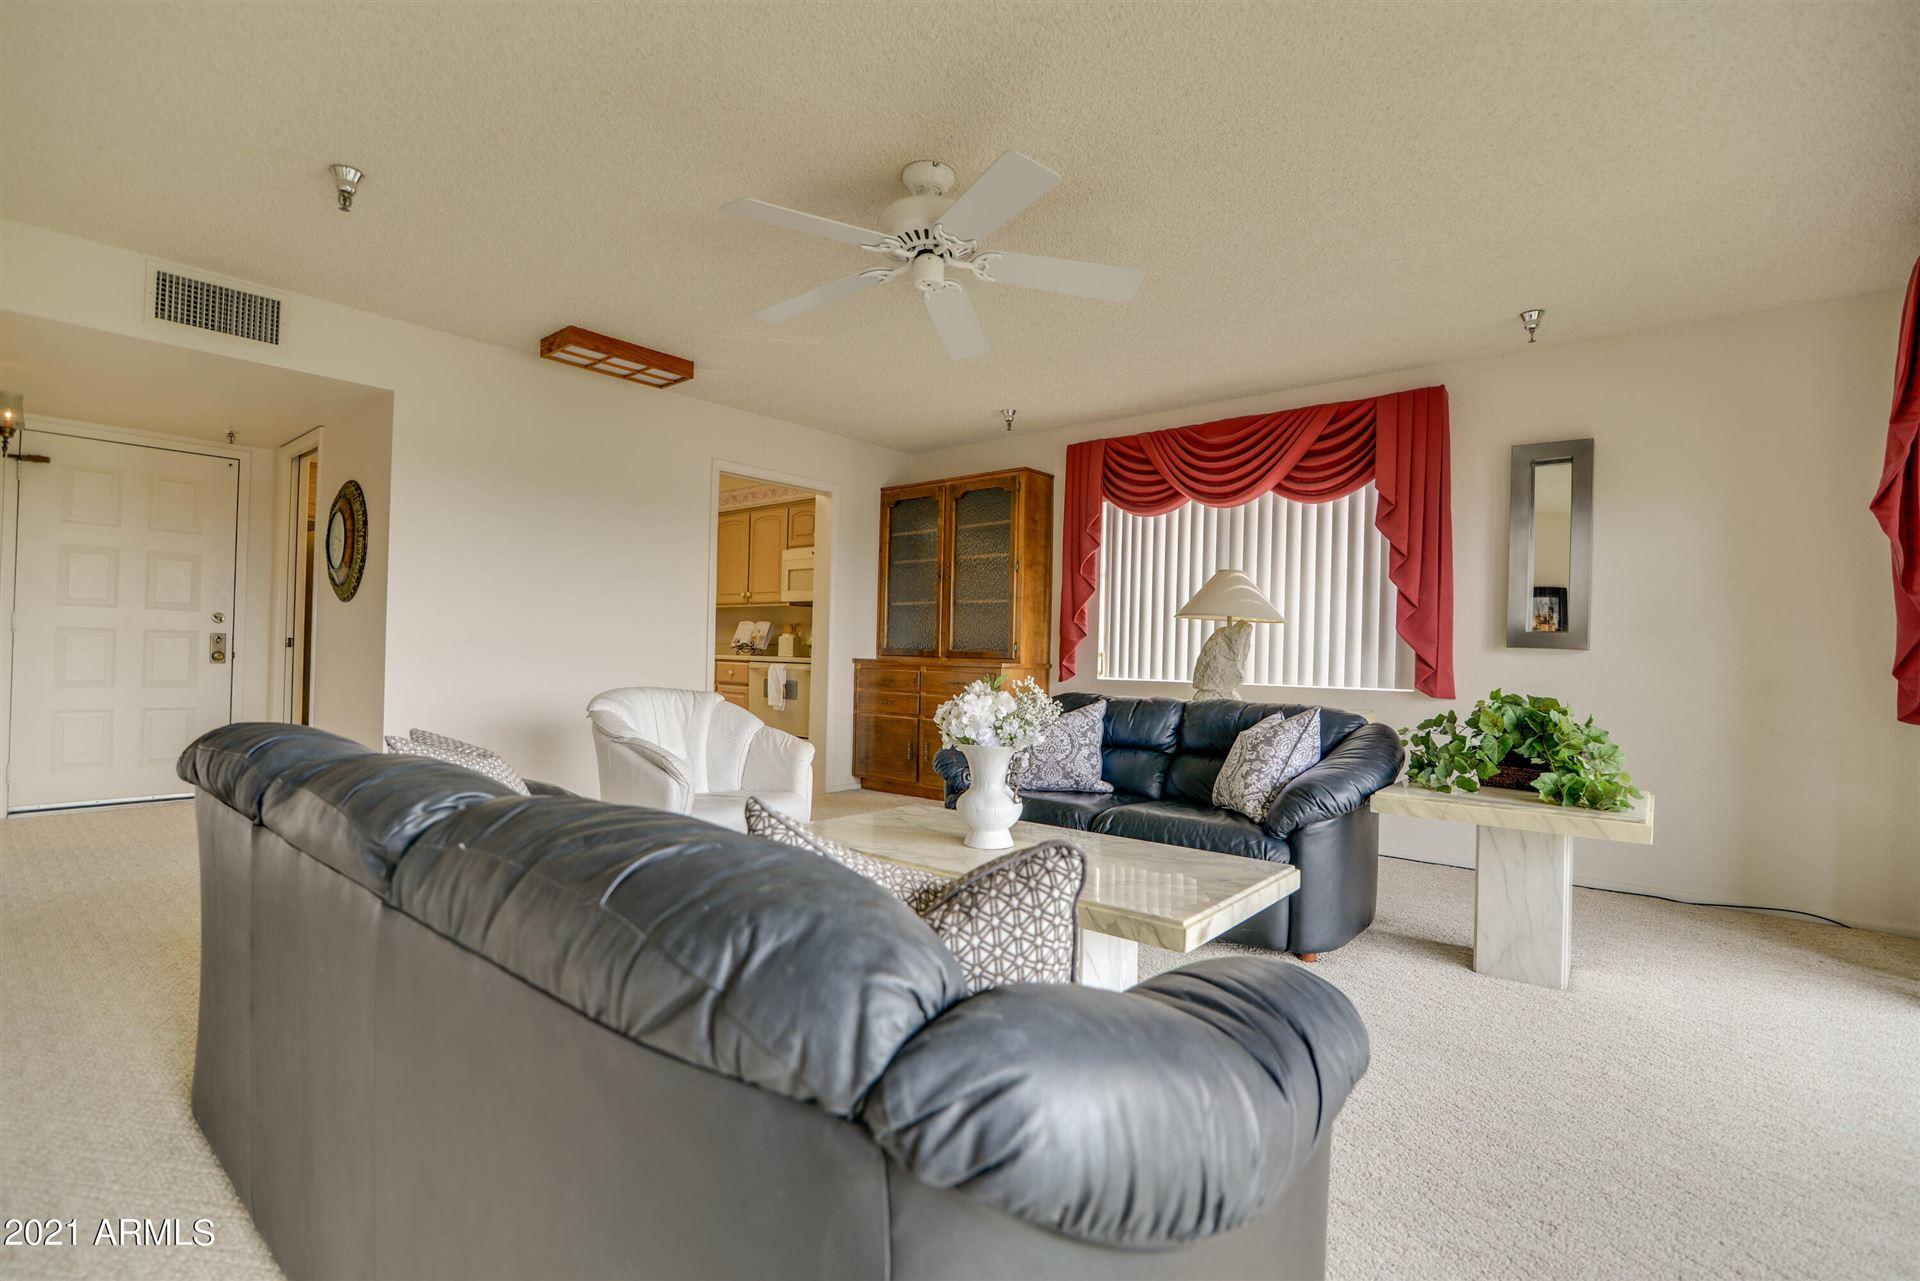 Photo of 425 S PARKCREST -- #336, Mesa, AZ 85206 (MLS # 6269248)